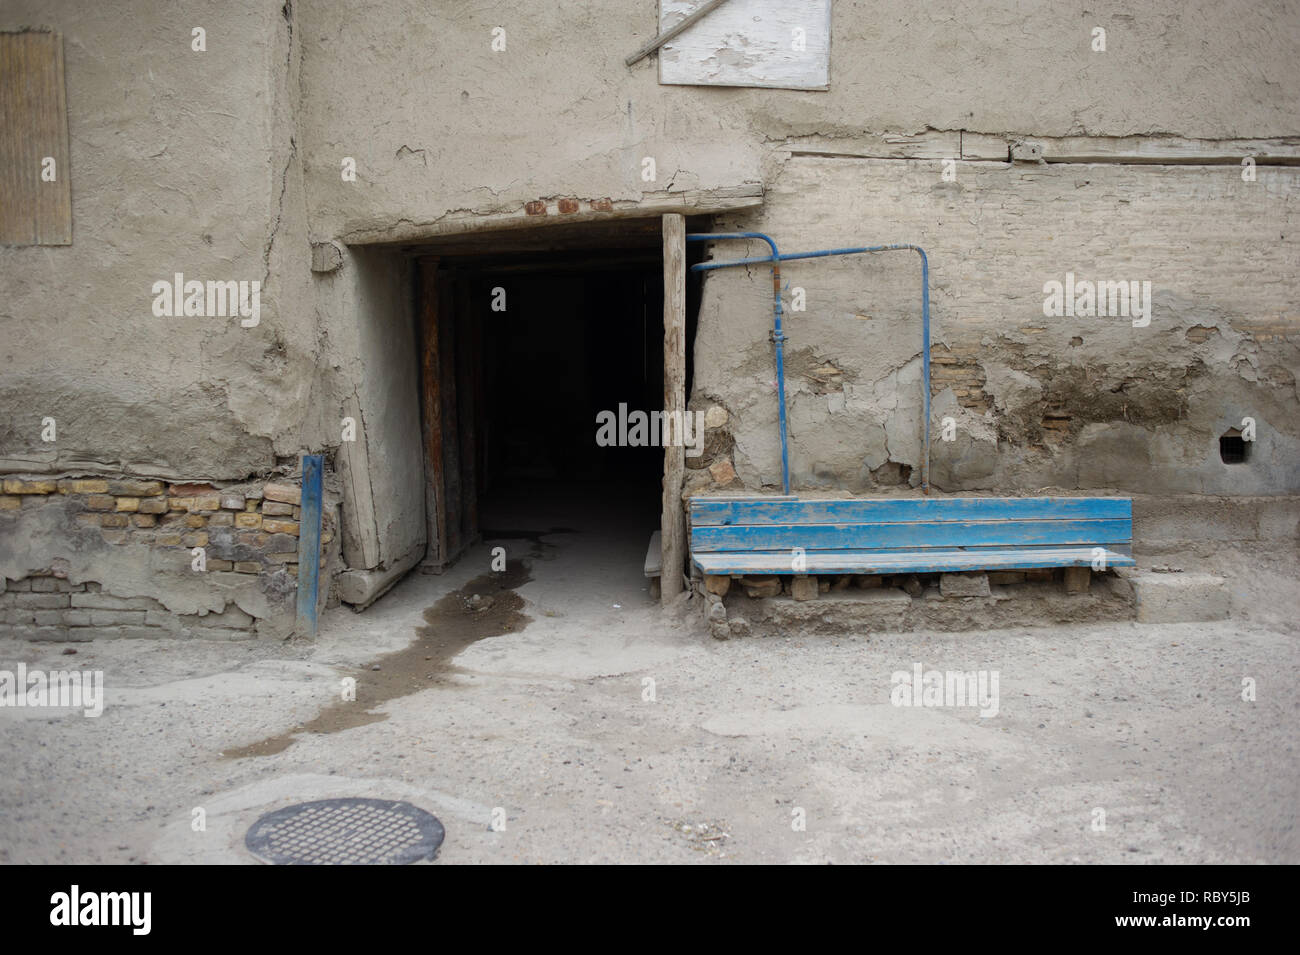 La vie quotidienne dans la vieille ville de Boukhara, Ouzbékistan. Photo Stock